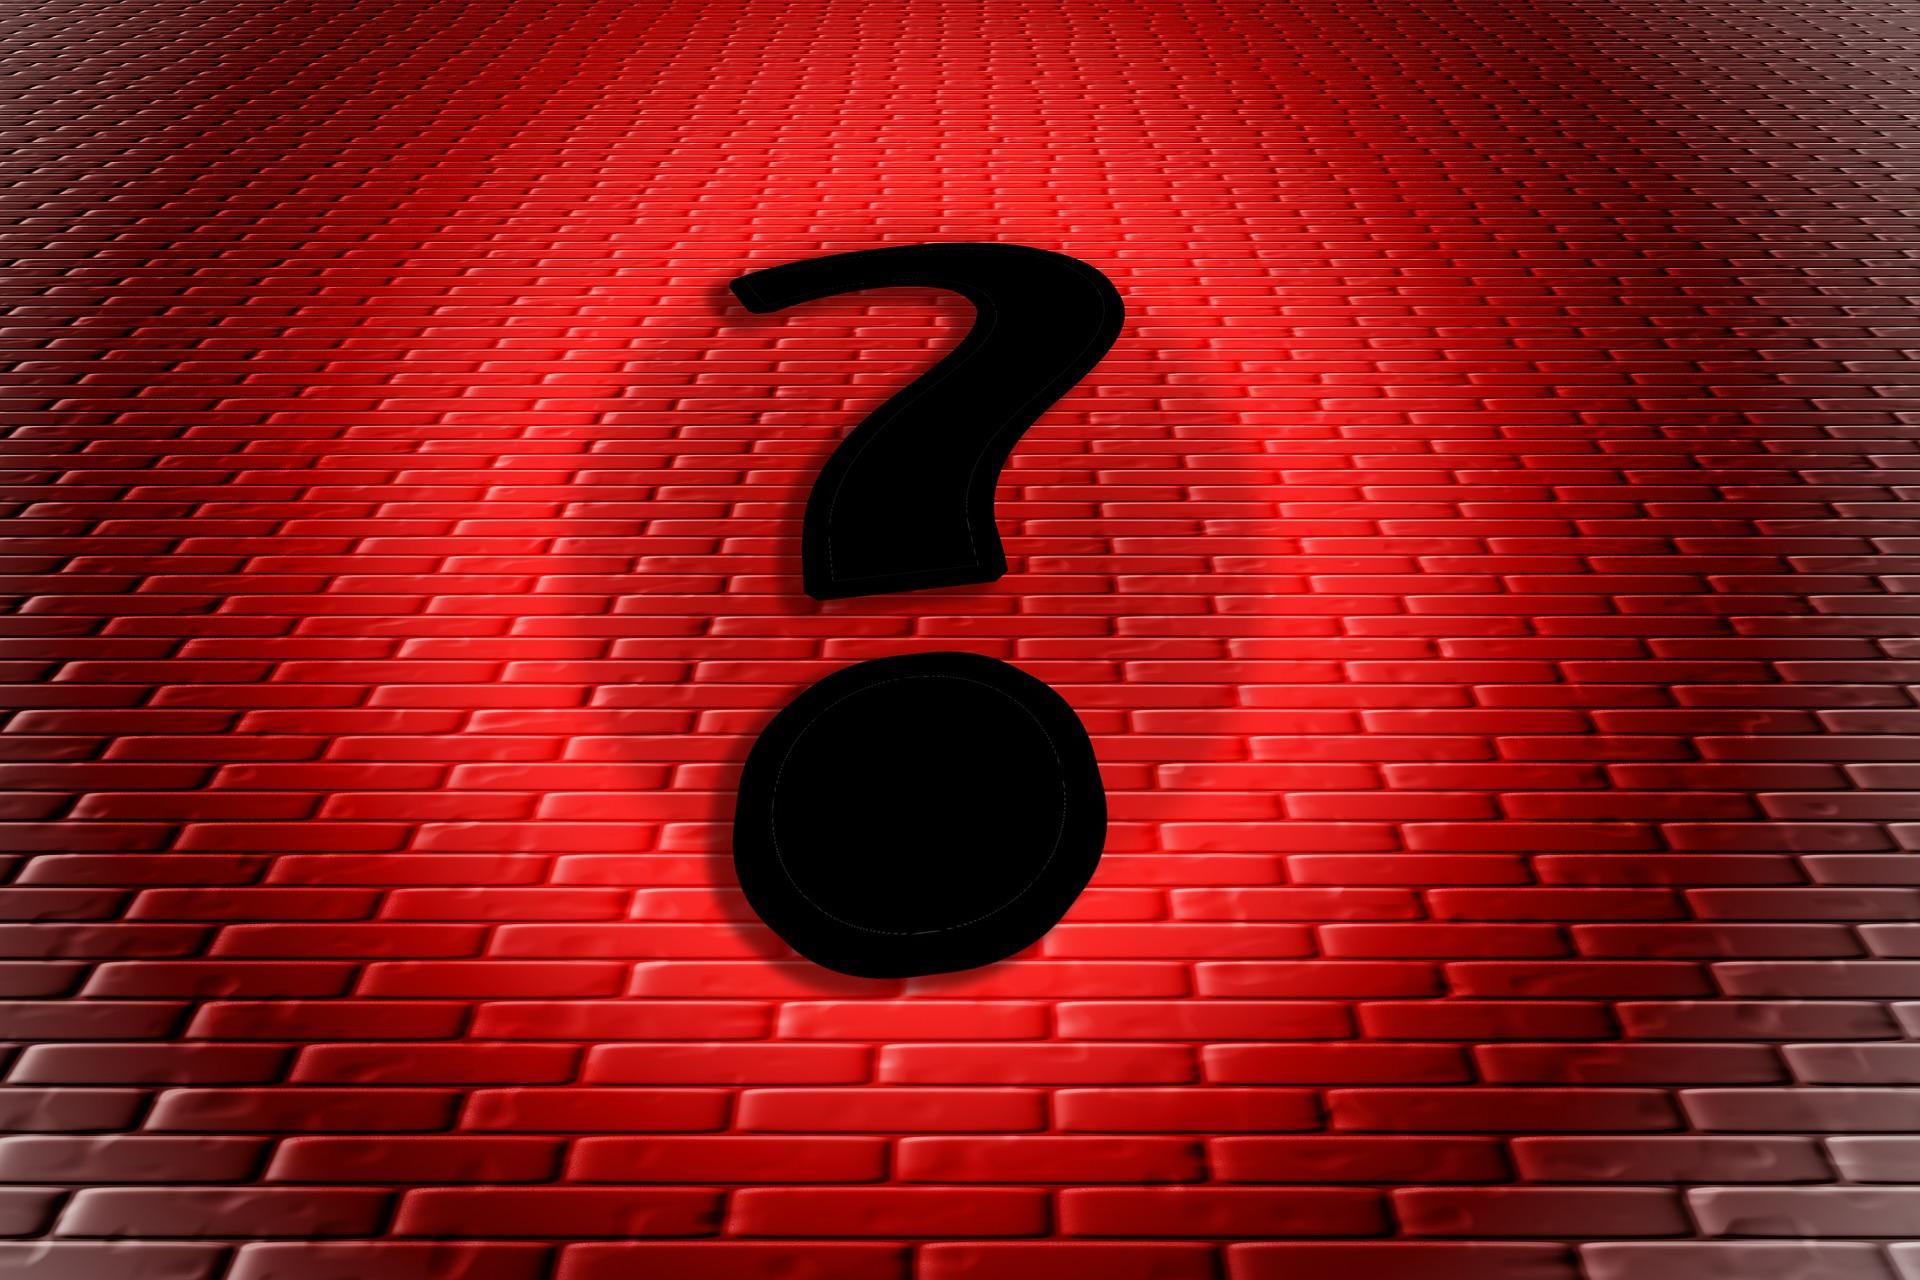 Яким чином робити оцінку пропозицій учасників з різною ставкою оподаткувань, щоб не порушити Закон, не дискримінувати учасника і обрати найвигіднішу пропозицію для замовника?